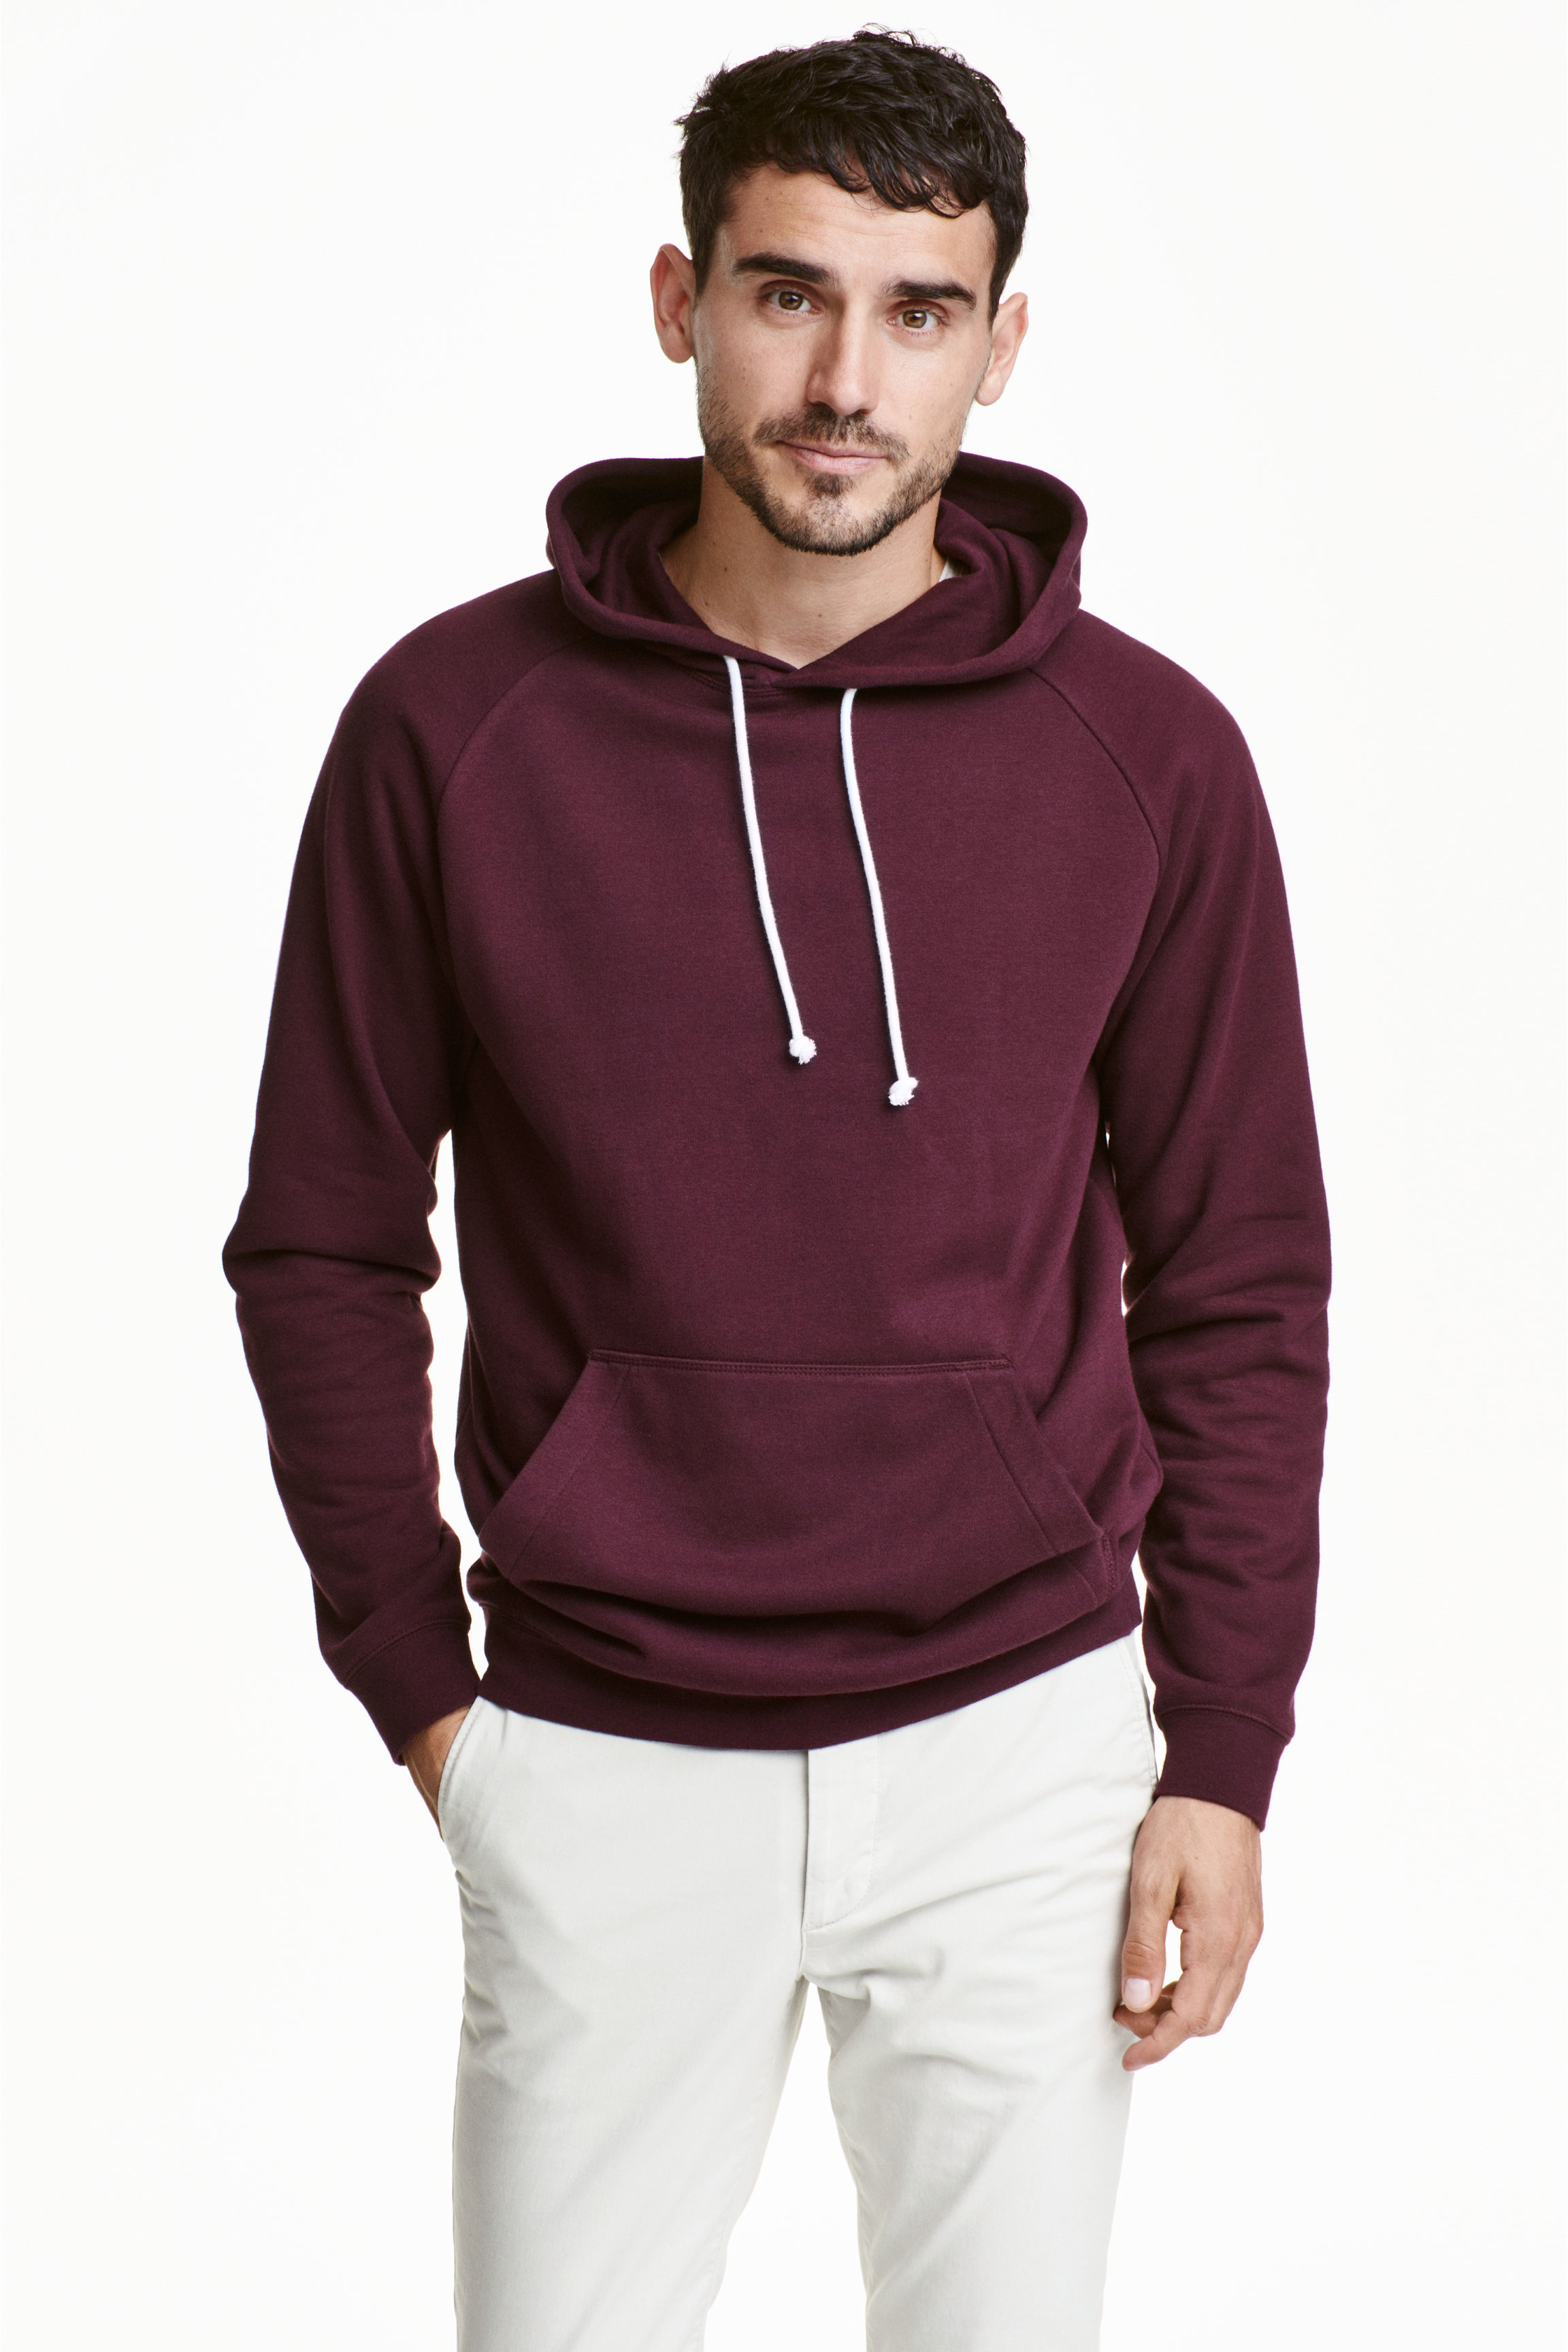 H&m hoodies